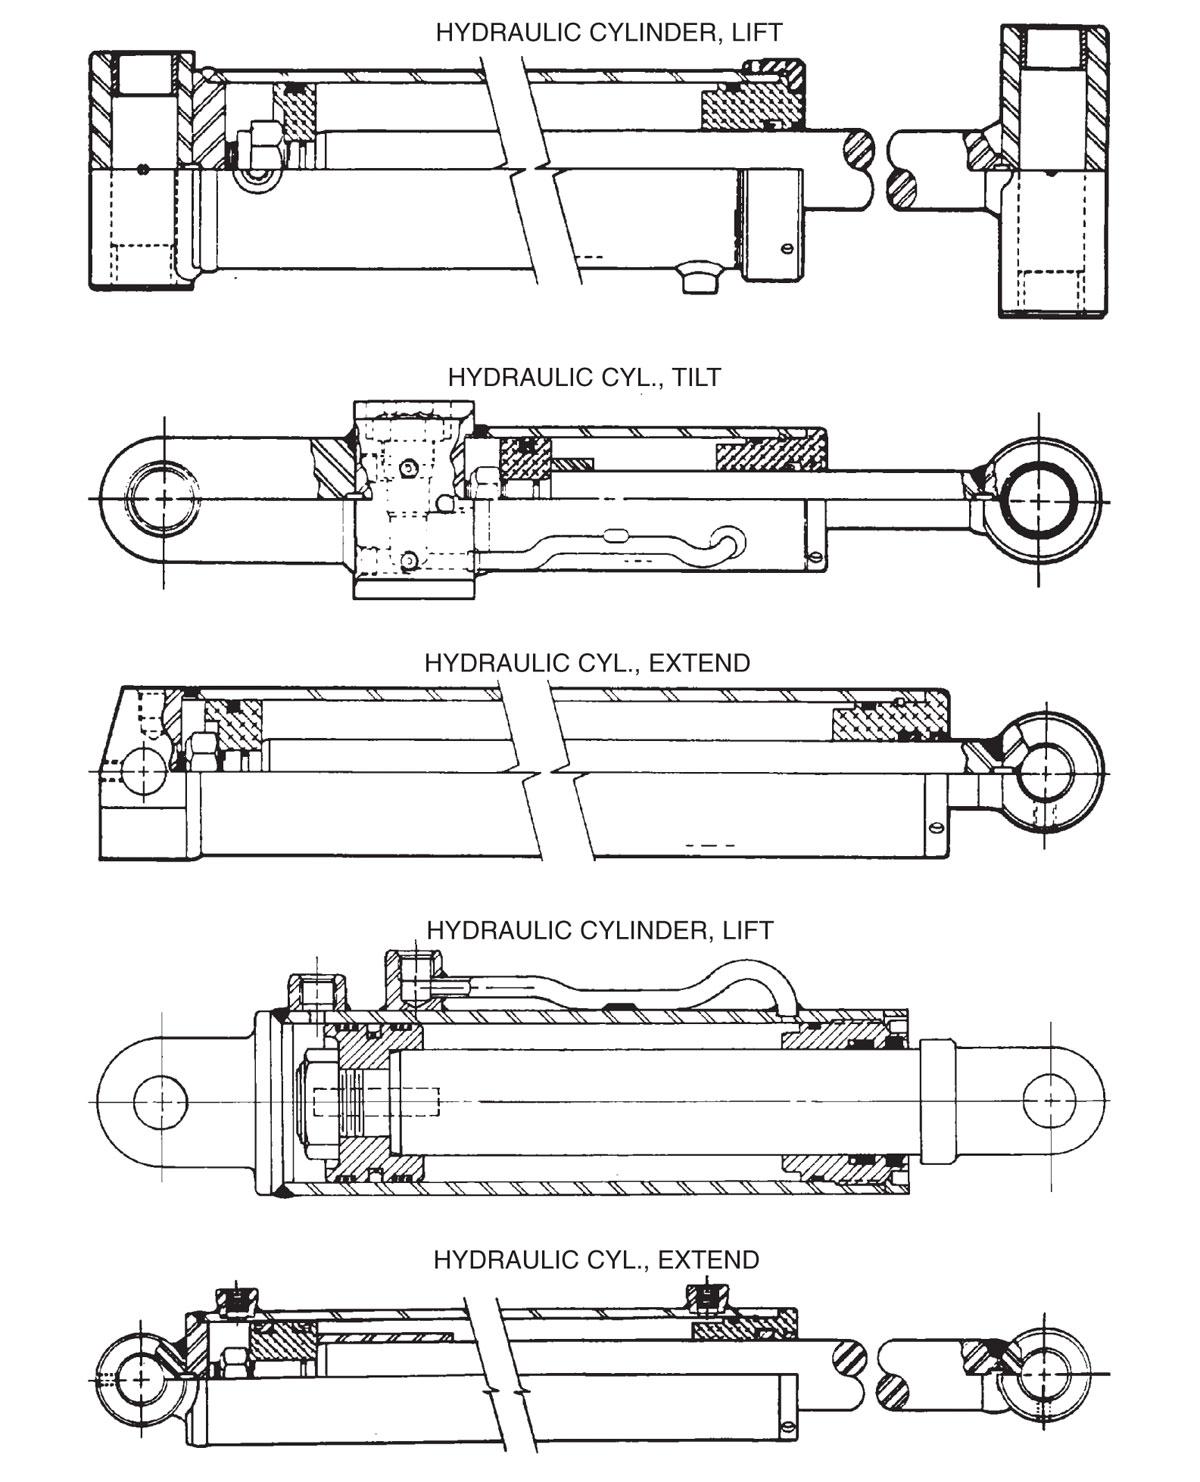 hydraulic cylinders wheel lift rh zips com